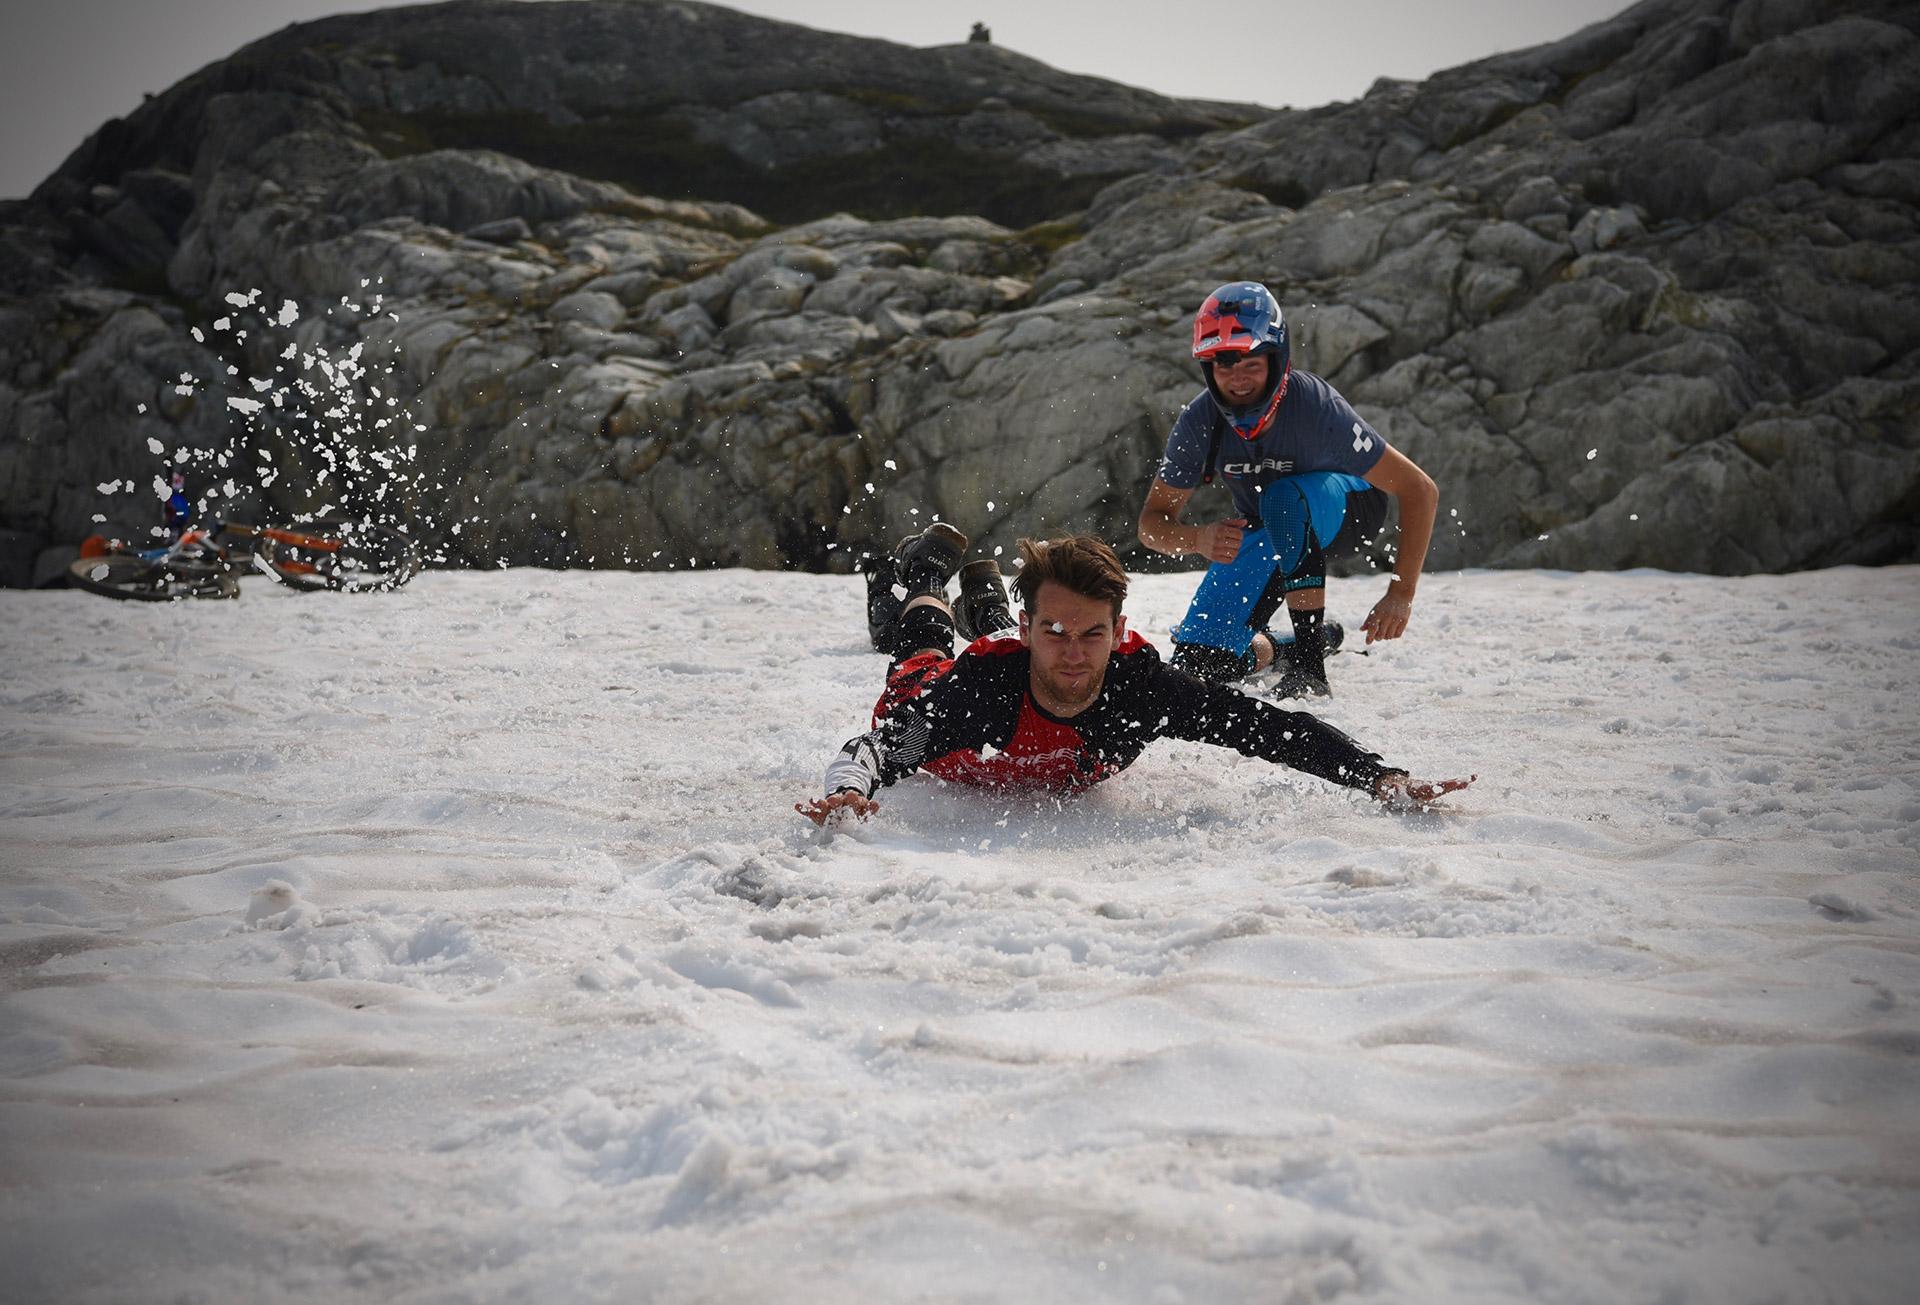 Bataille de boules de neige et ventriglisse. Il n'y a qu'à Whistler qu'on voit ce type d'échauffement !